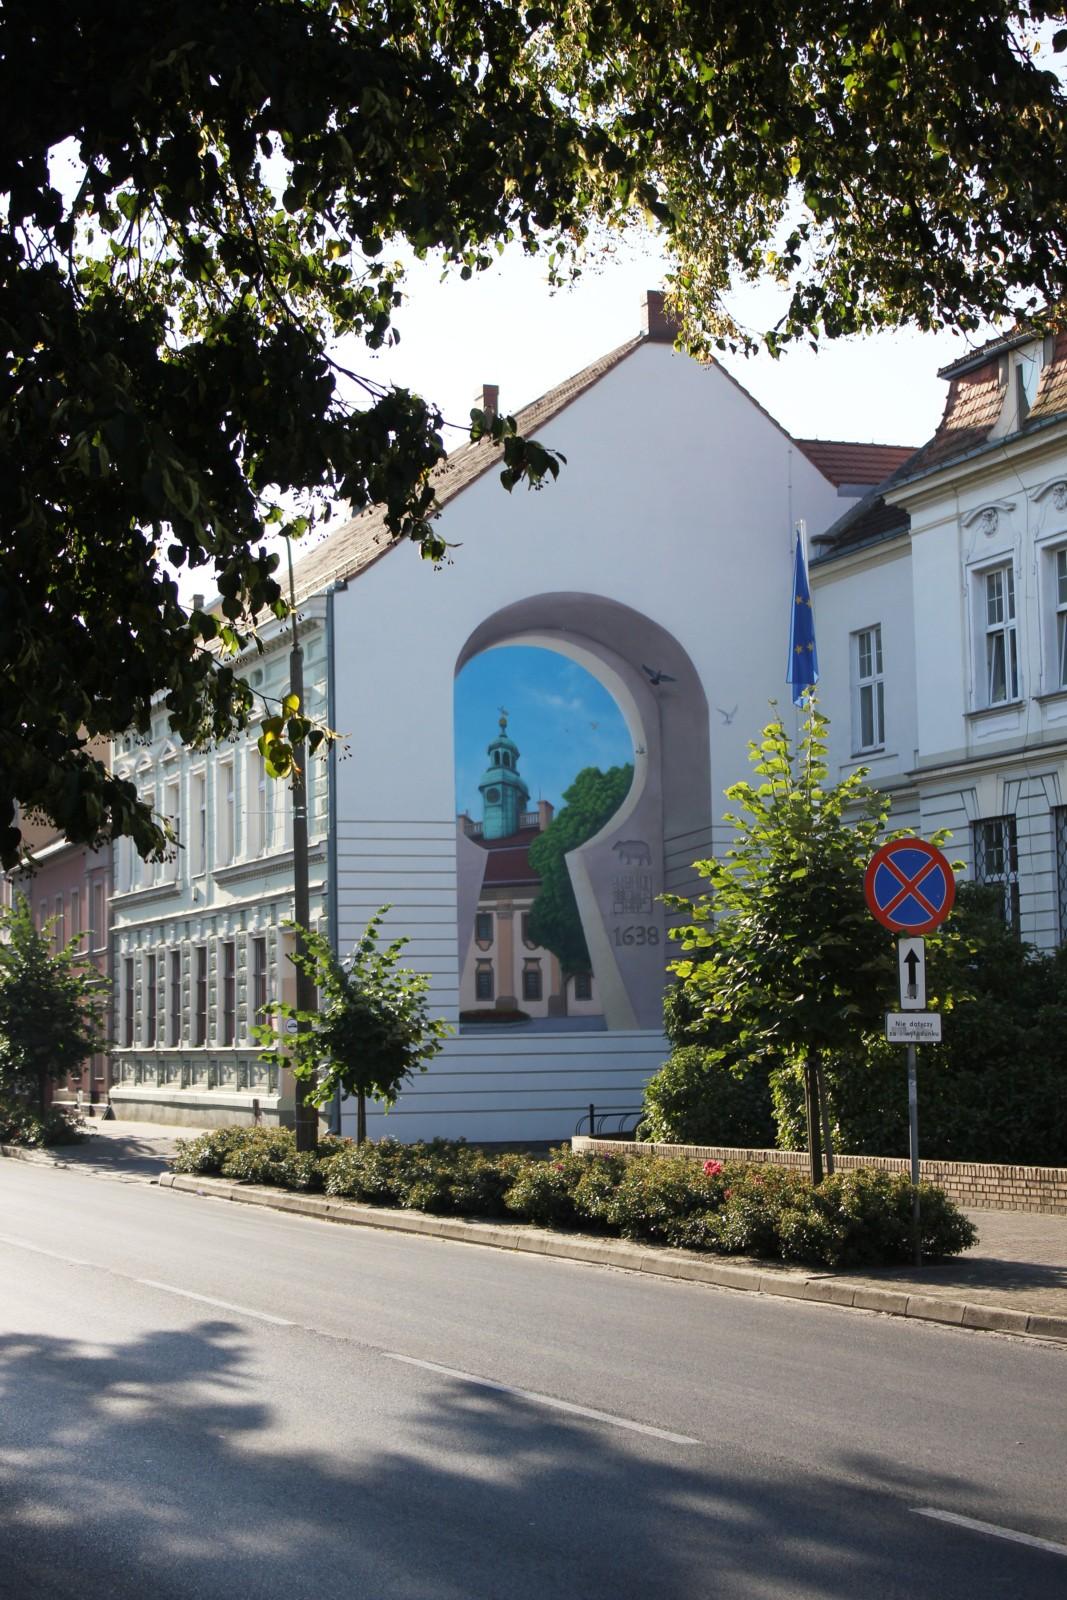 Mural, ratusz, Rawicz, fajny mural, malarstwo ścienne dla miasta